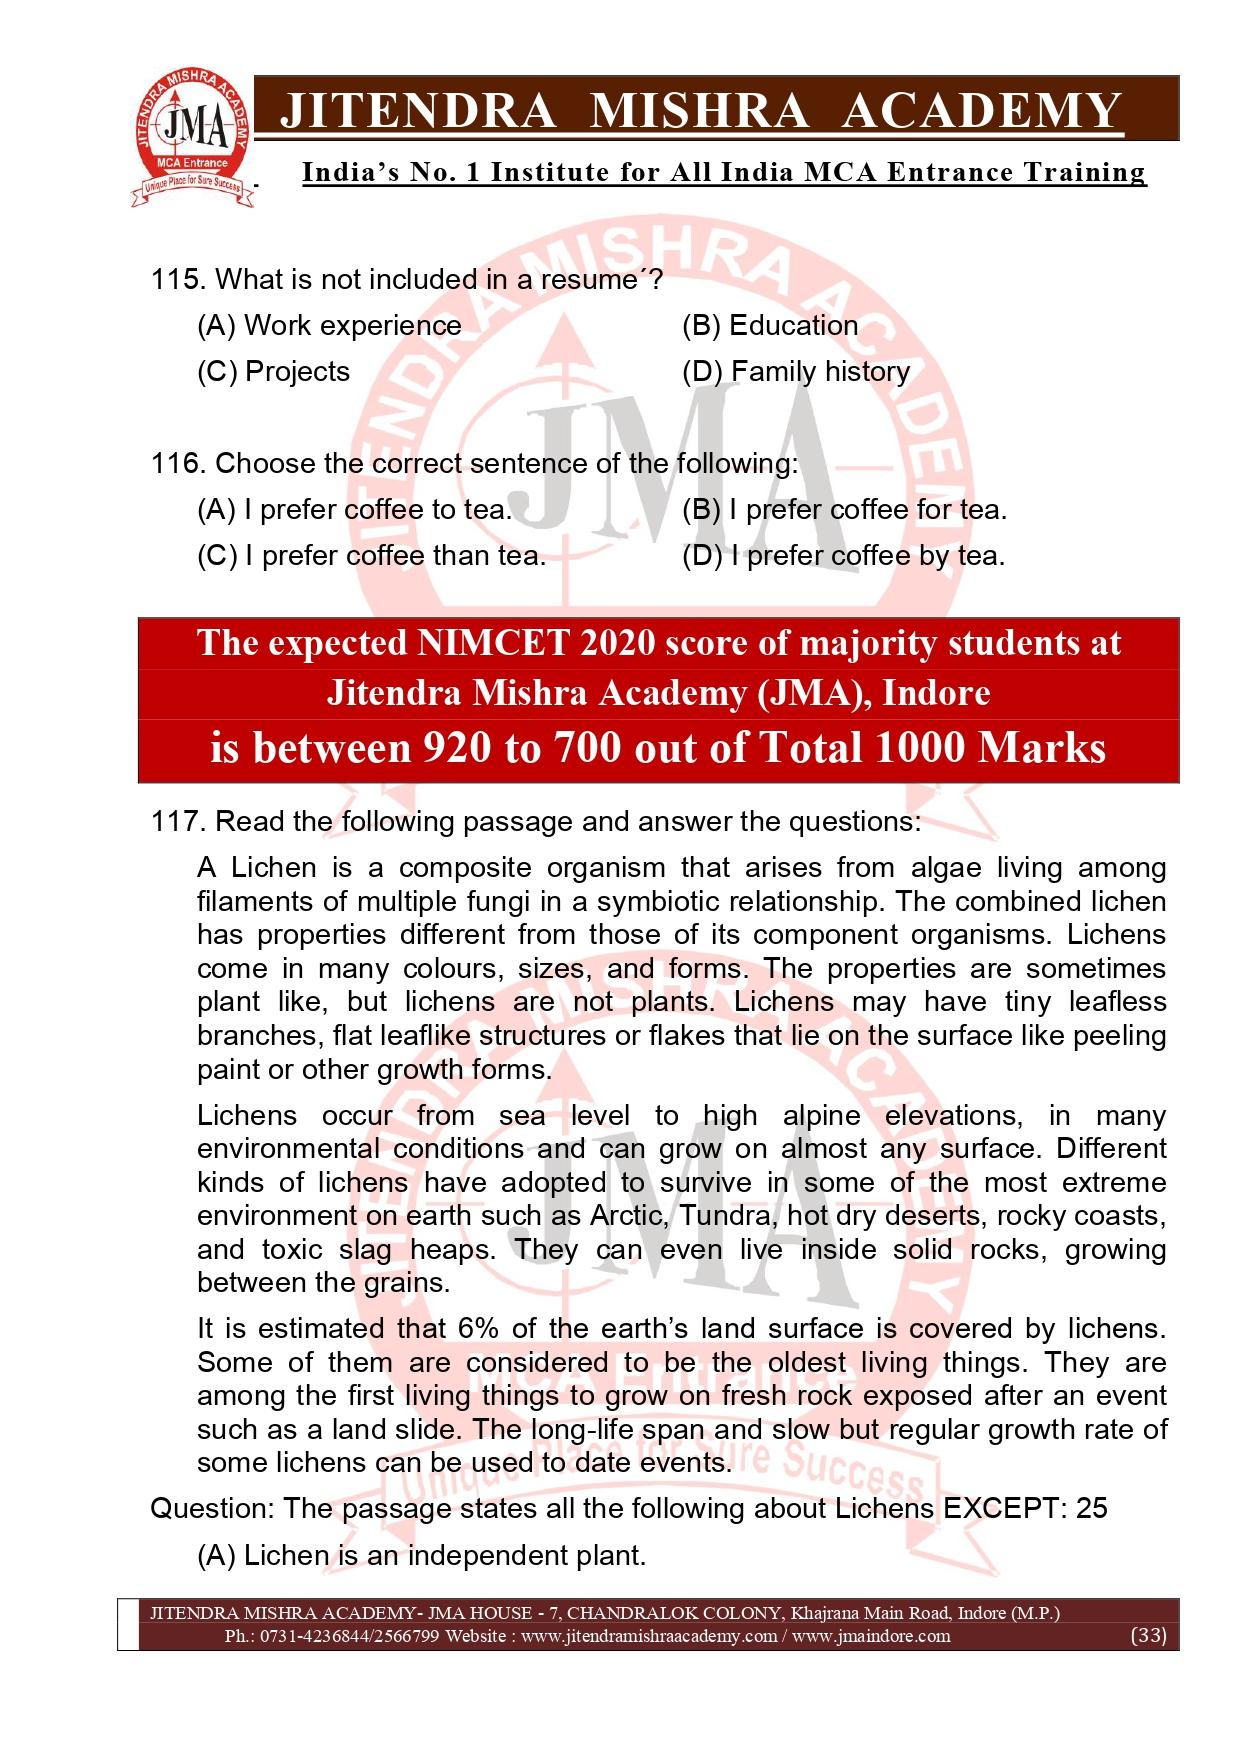 NIMCET 2020 QUESTION PAPER (FINAL)_page-0033